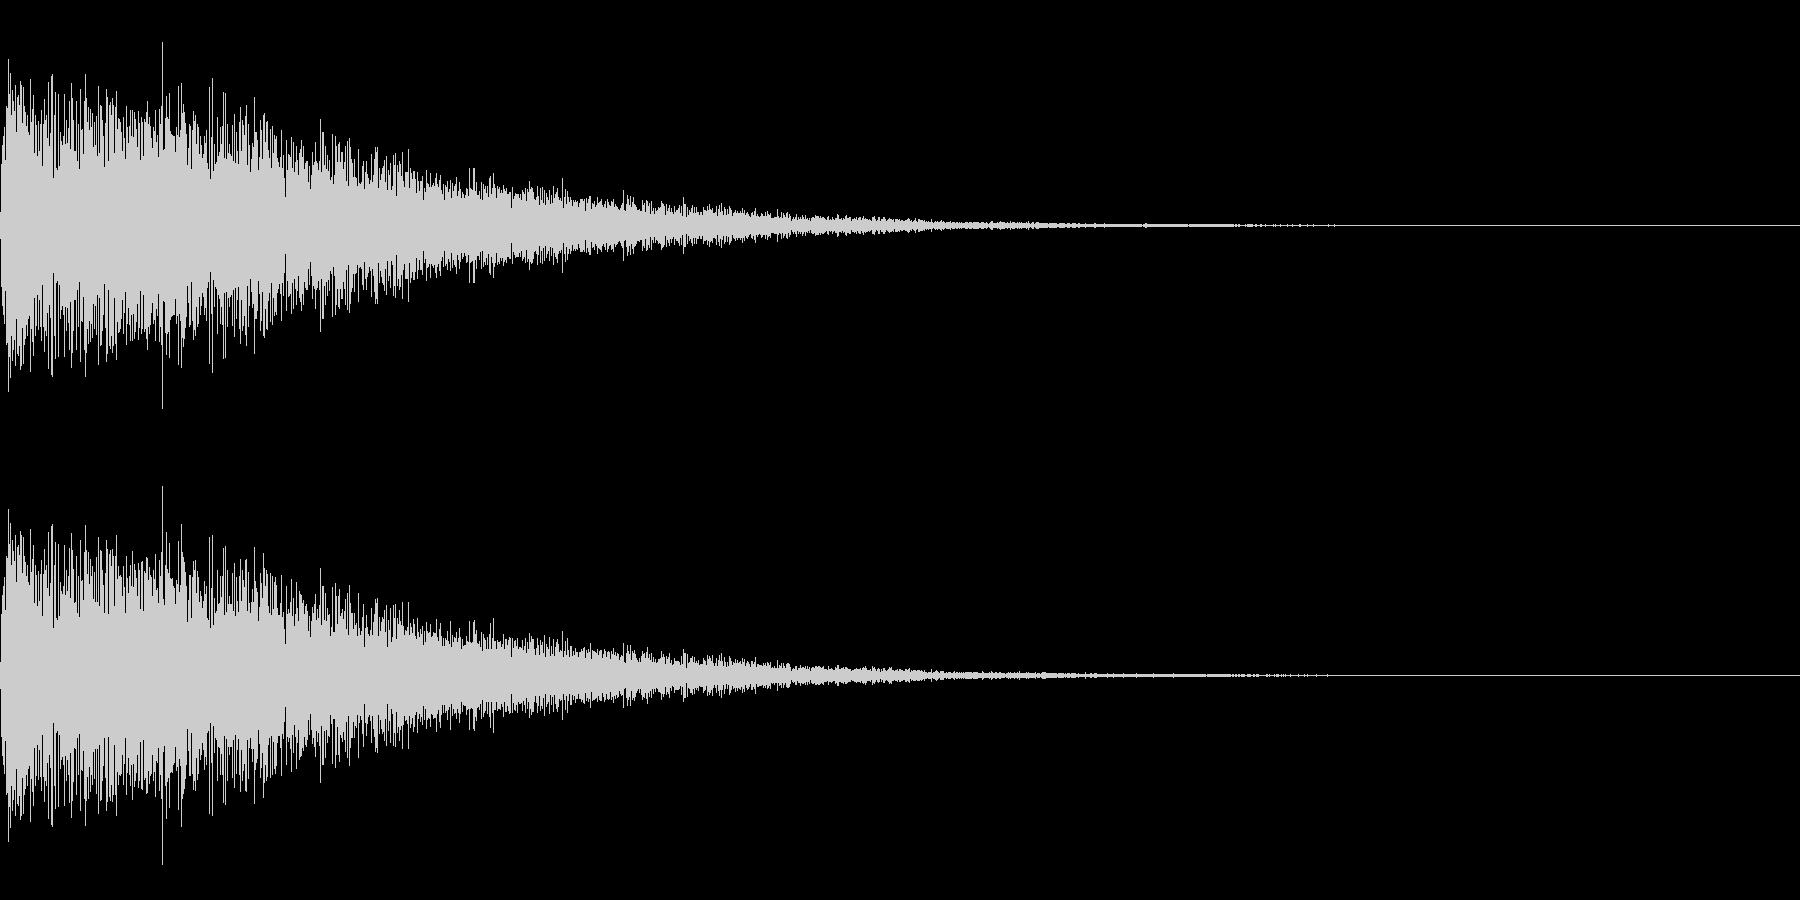 パワーアップ上昇音 シュワーンの未再生の波形